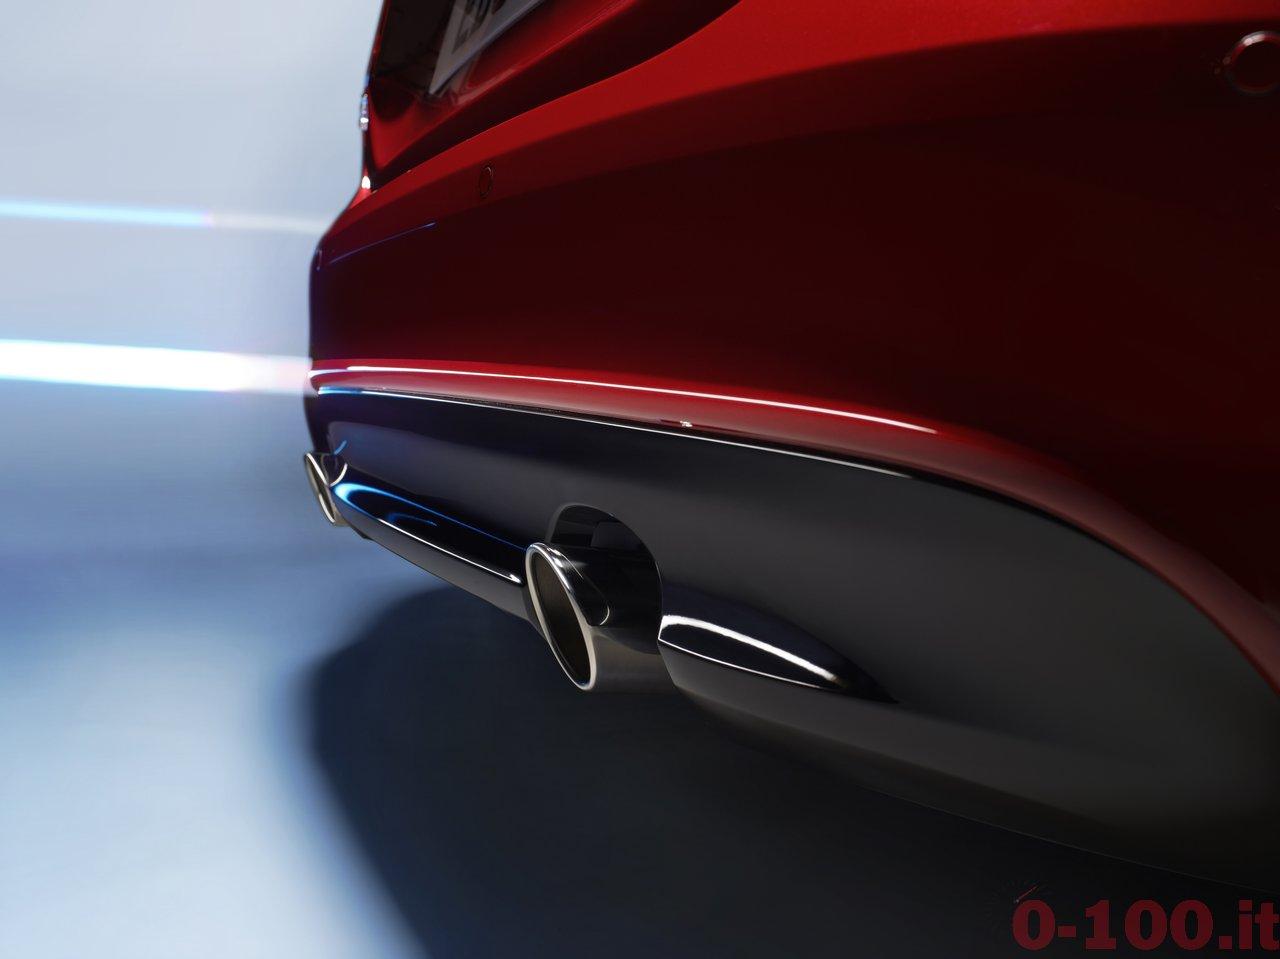 jaguar-xe-s-prezzo-price-2015_0-100_15